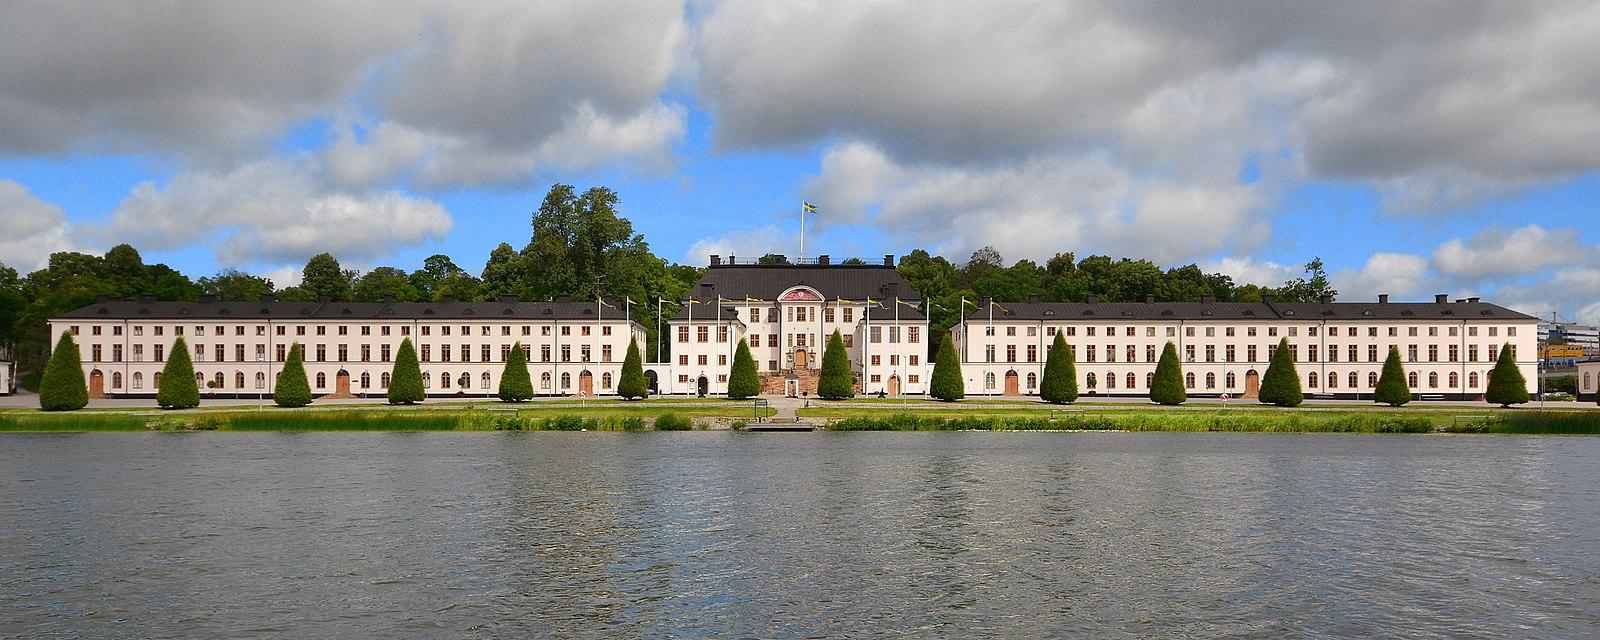 BY-SA 3.0: Johan Fredriksson